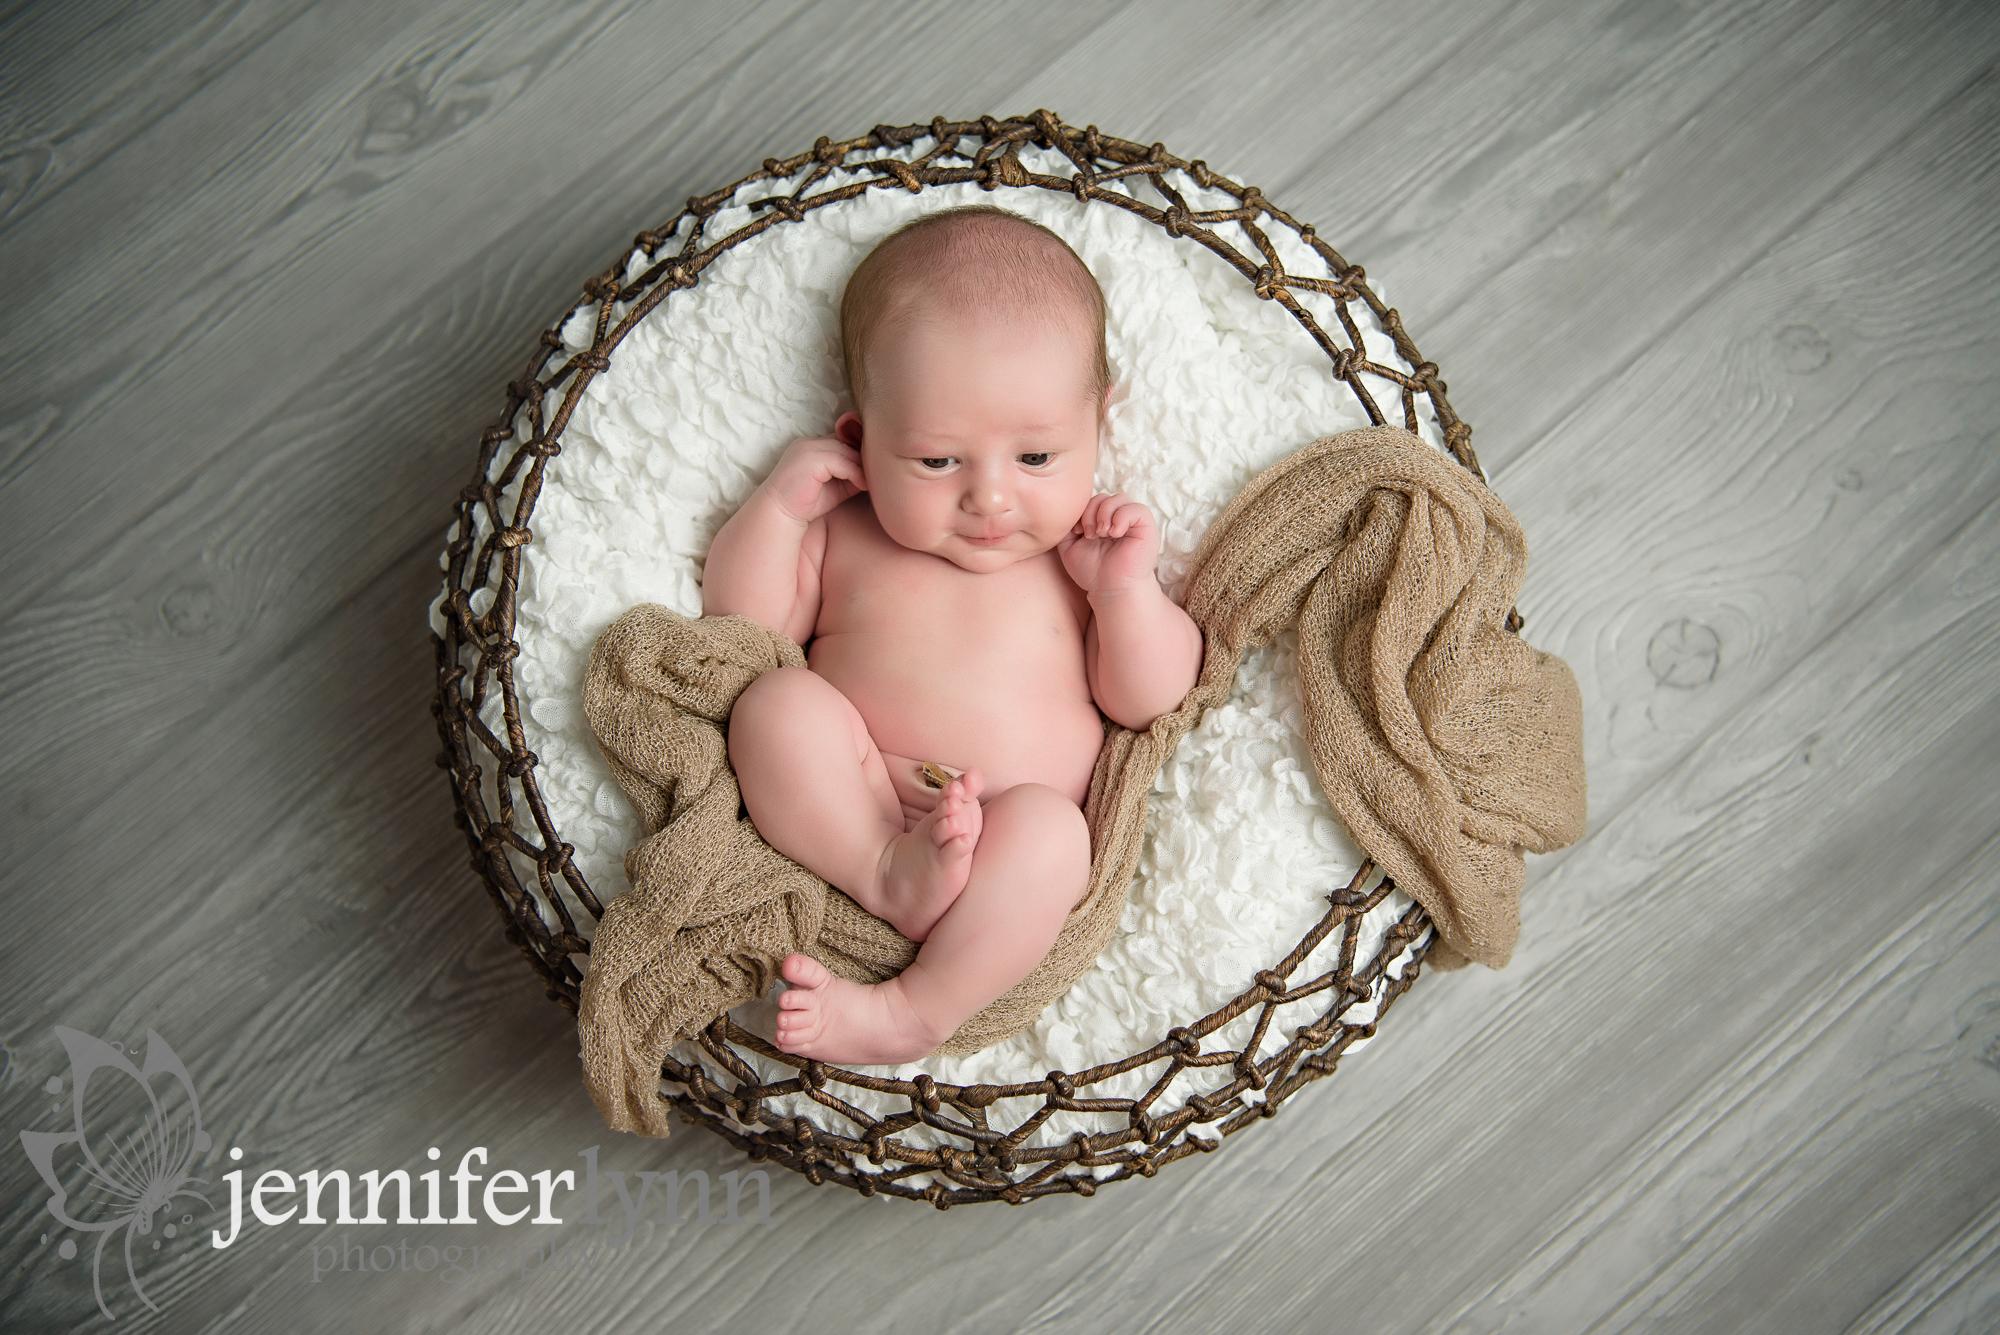 Newborn Boy Awake Basket Tan